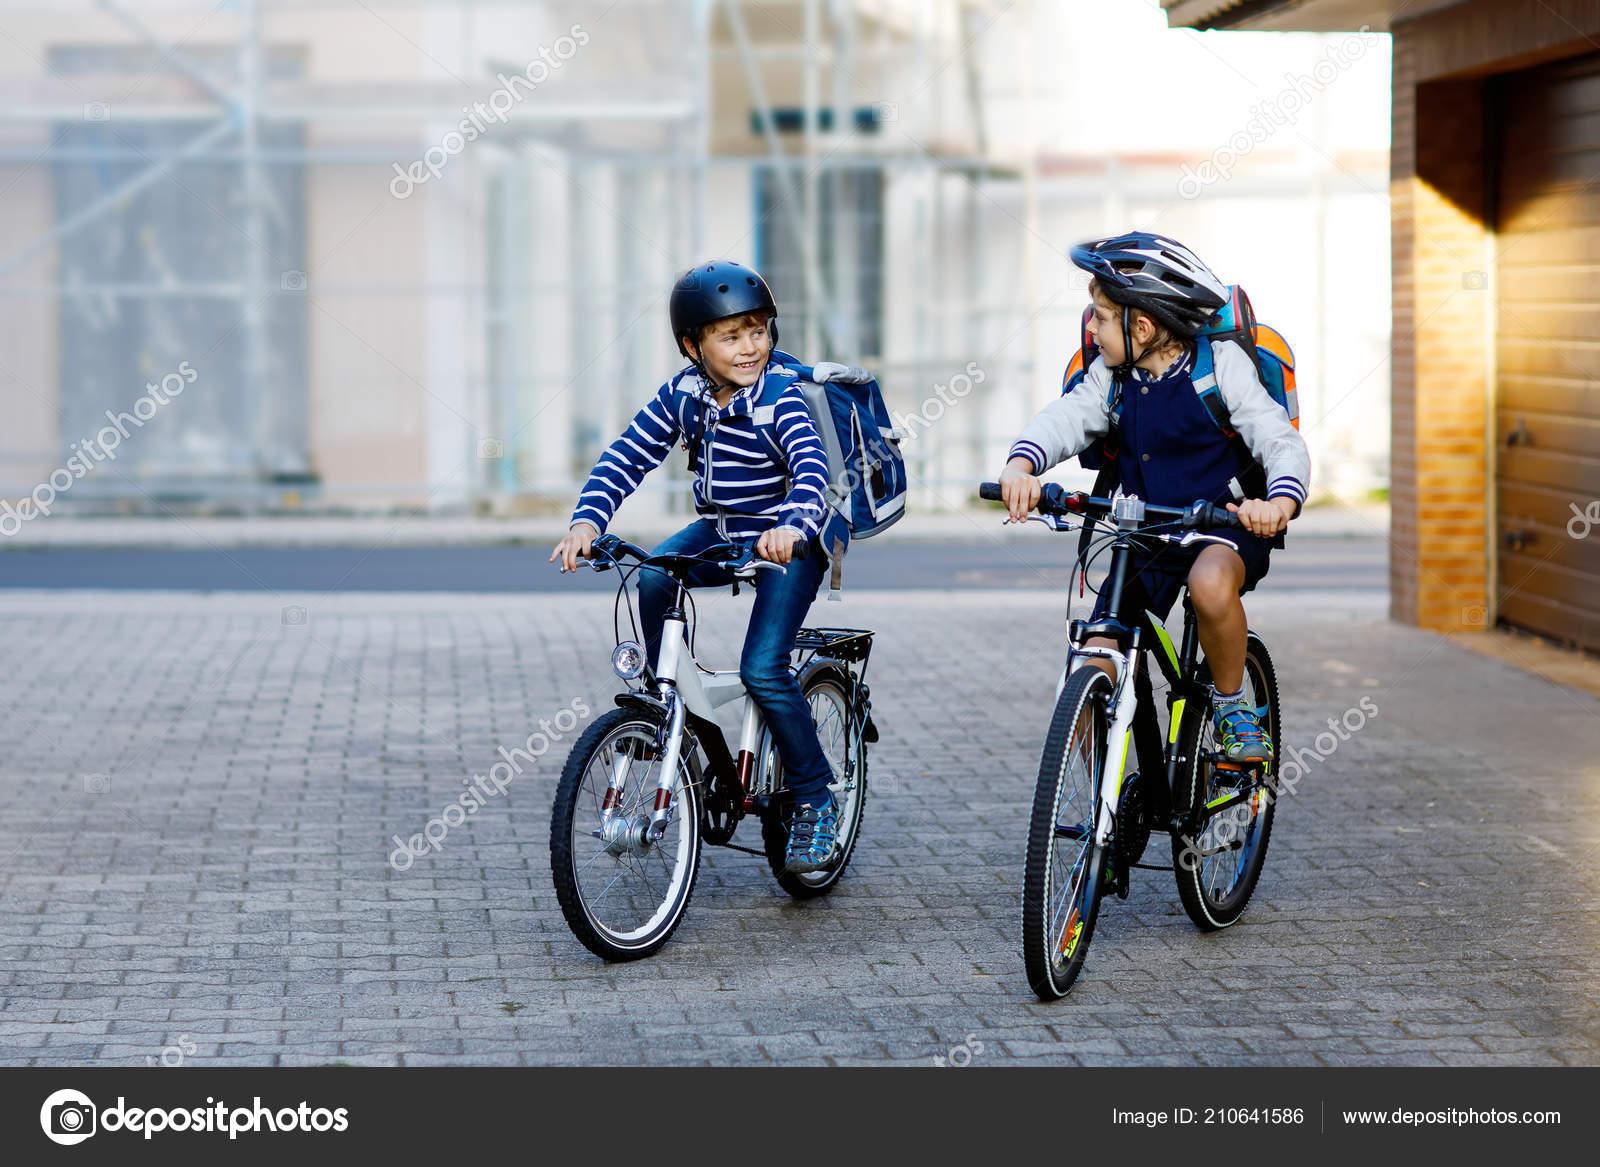 Δύο σχολείο παιδί αγόρια στο κράνος ασφαλείας ιππασία με το ποδήλατο στην  πόλη με Σακίδια. Ευτυχισμένα παιδιά με πολύχρωμα ρούχα ποδηλασίας στα  ποδήλατα στο ... c8759644a1a